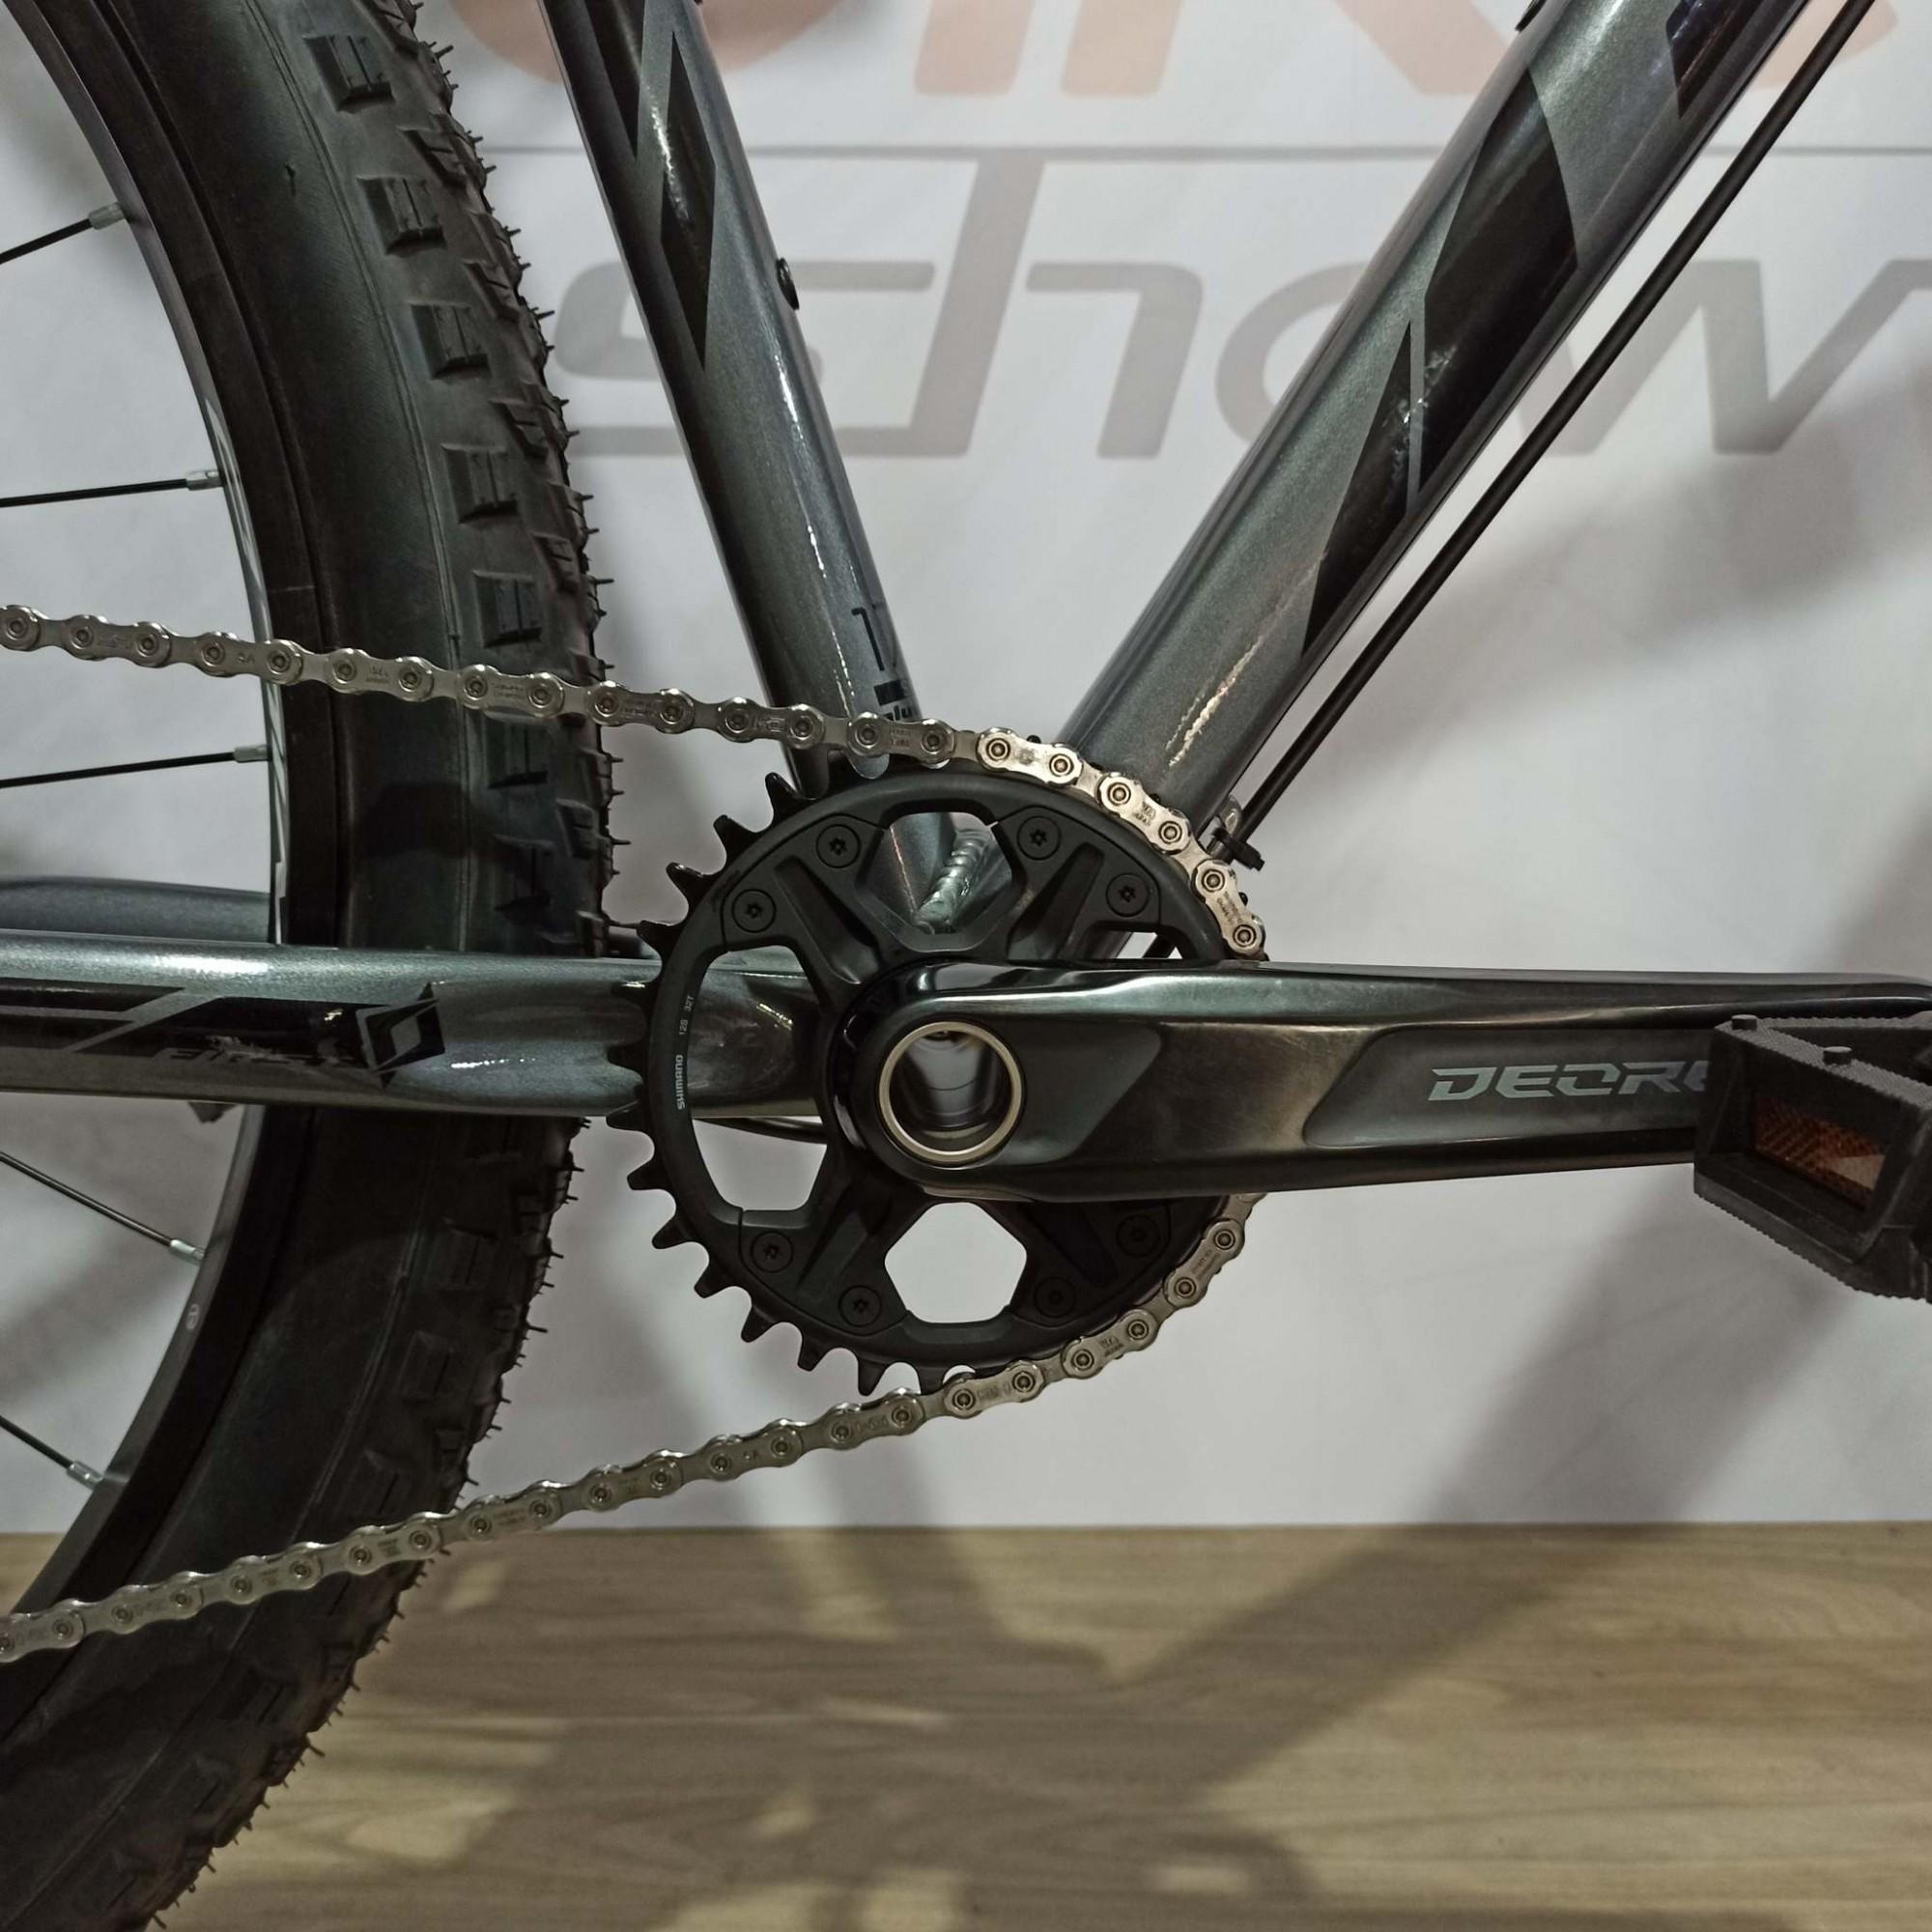 Bicicleta FIRST Lunix aro 29 - 12v Shimano Deore - K7 10/51 dentes - Suspensão Proshock Ultra XC a AR